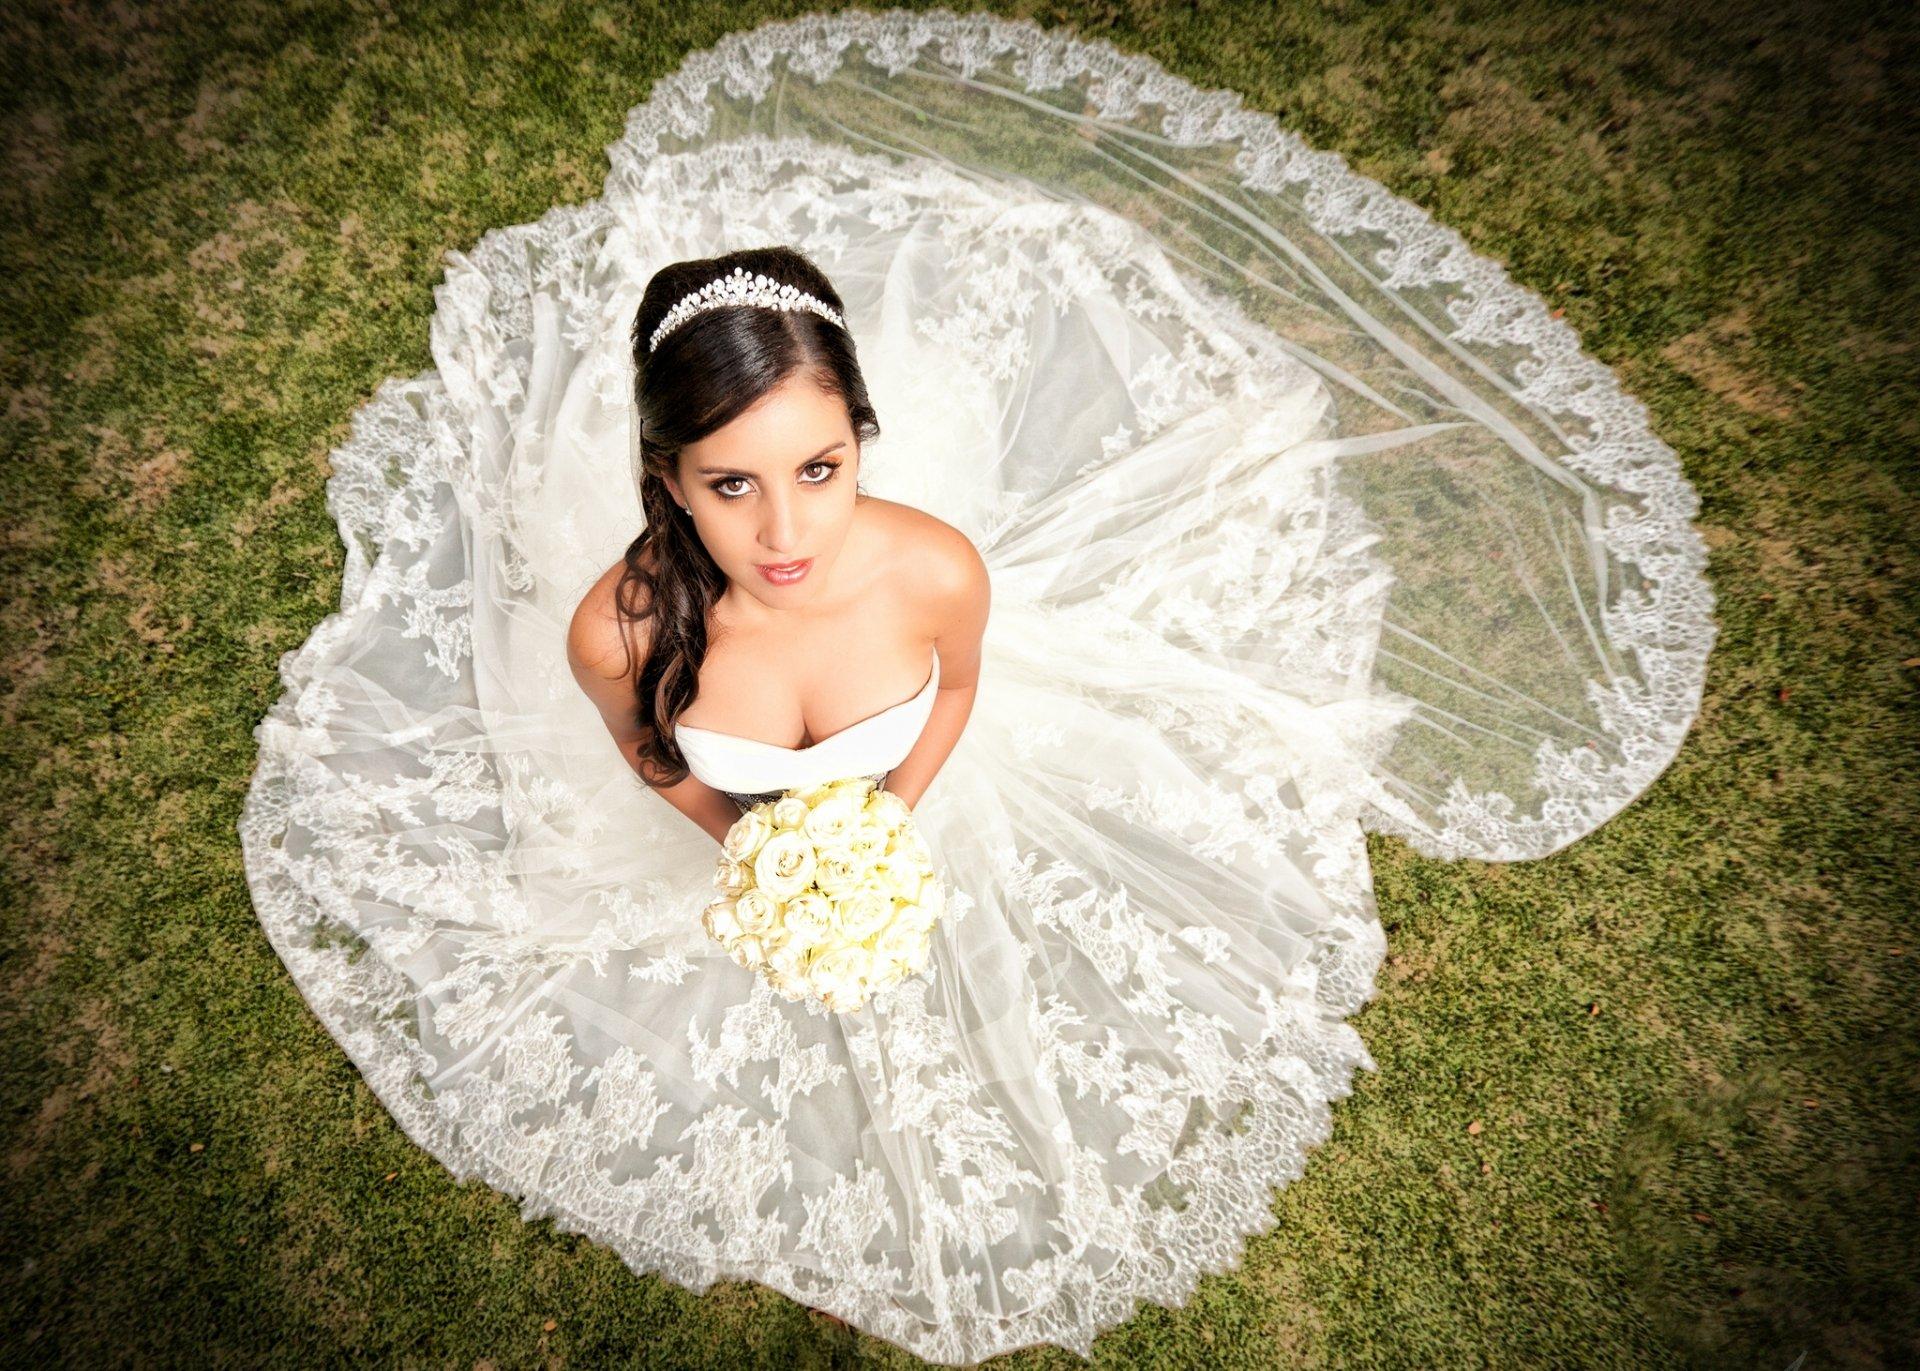 Богини фото невест онлайн зрелых